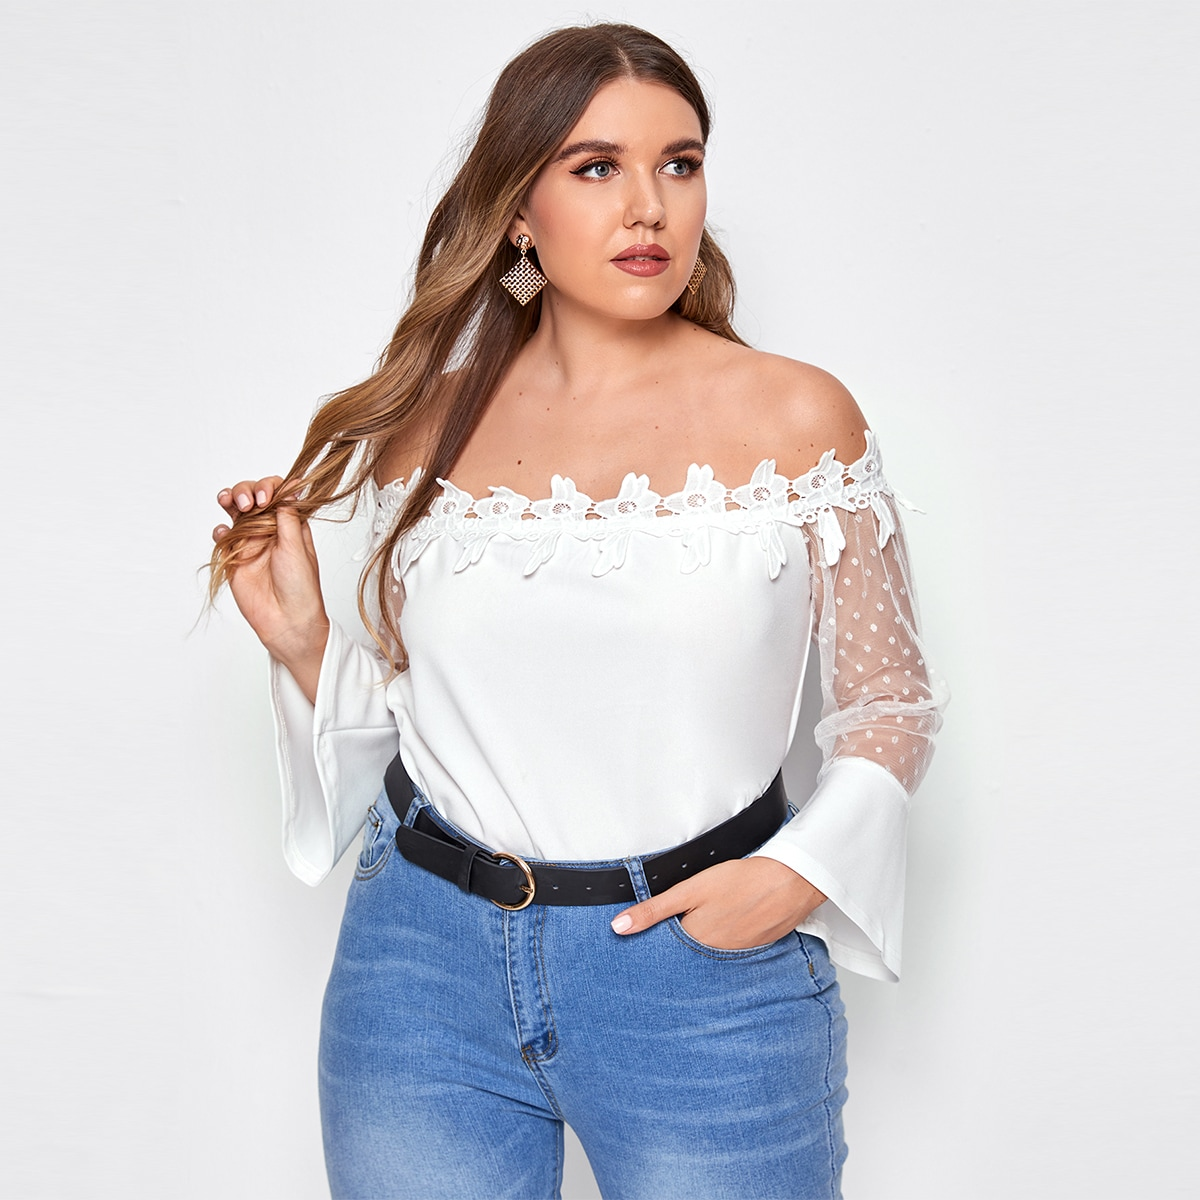 SHEIN / Schulterfreie Bluse mit Netzeinsatz und Applikation